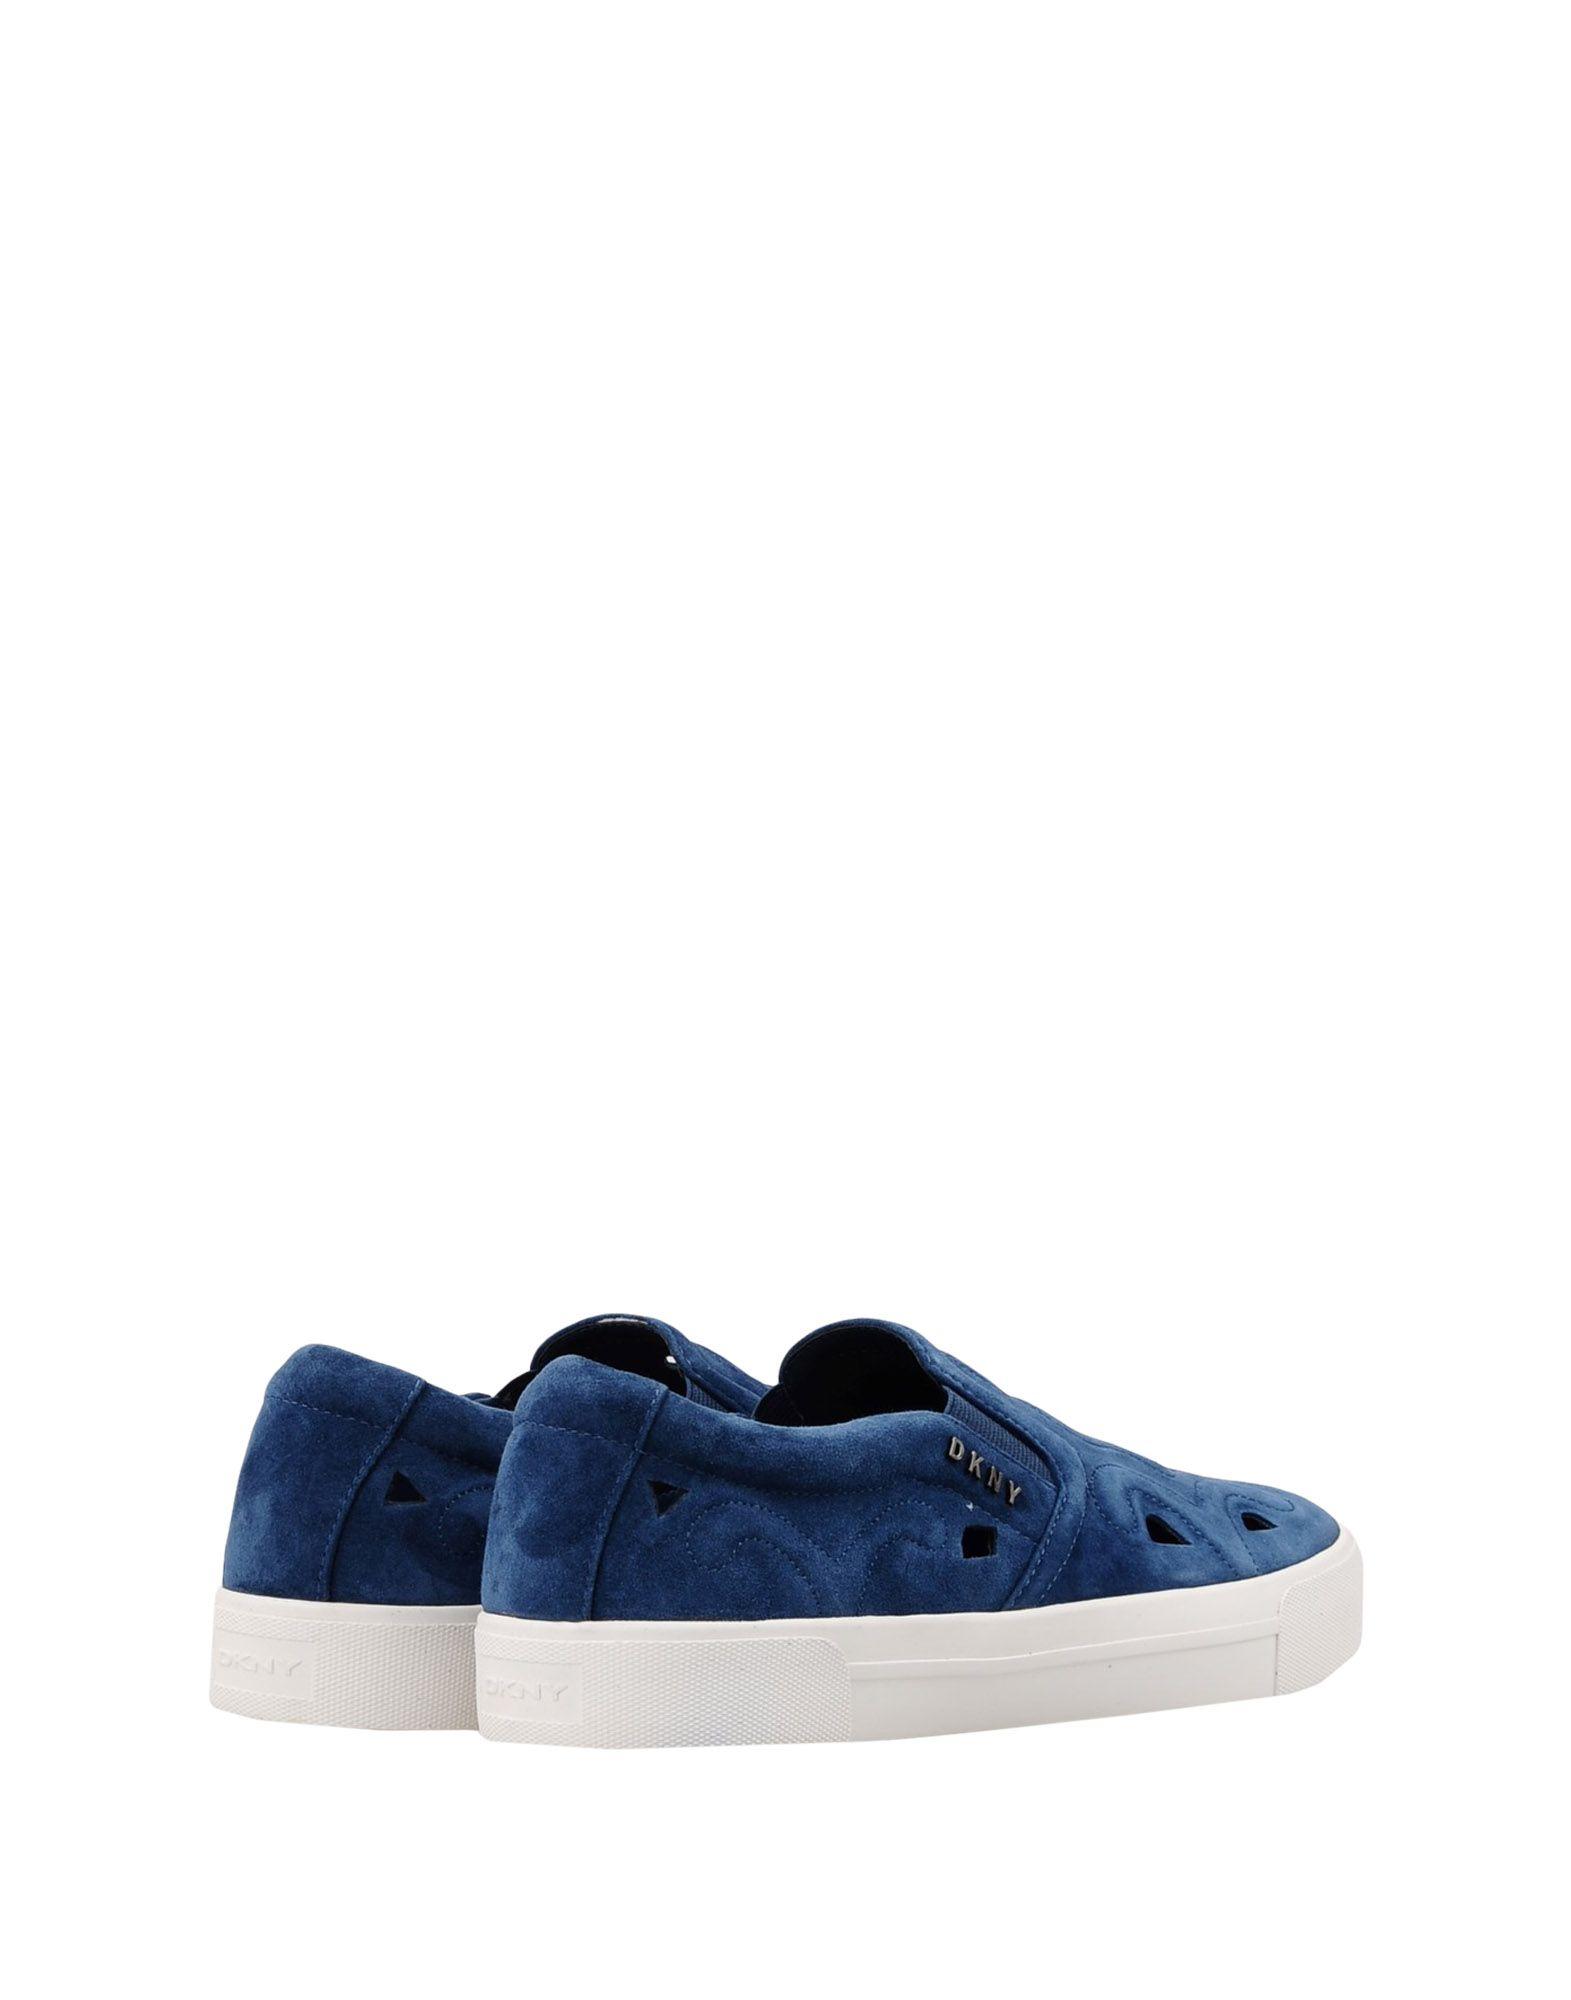 Dkny Bess  11428580DA Gute Qualität beliebte Schuhe